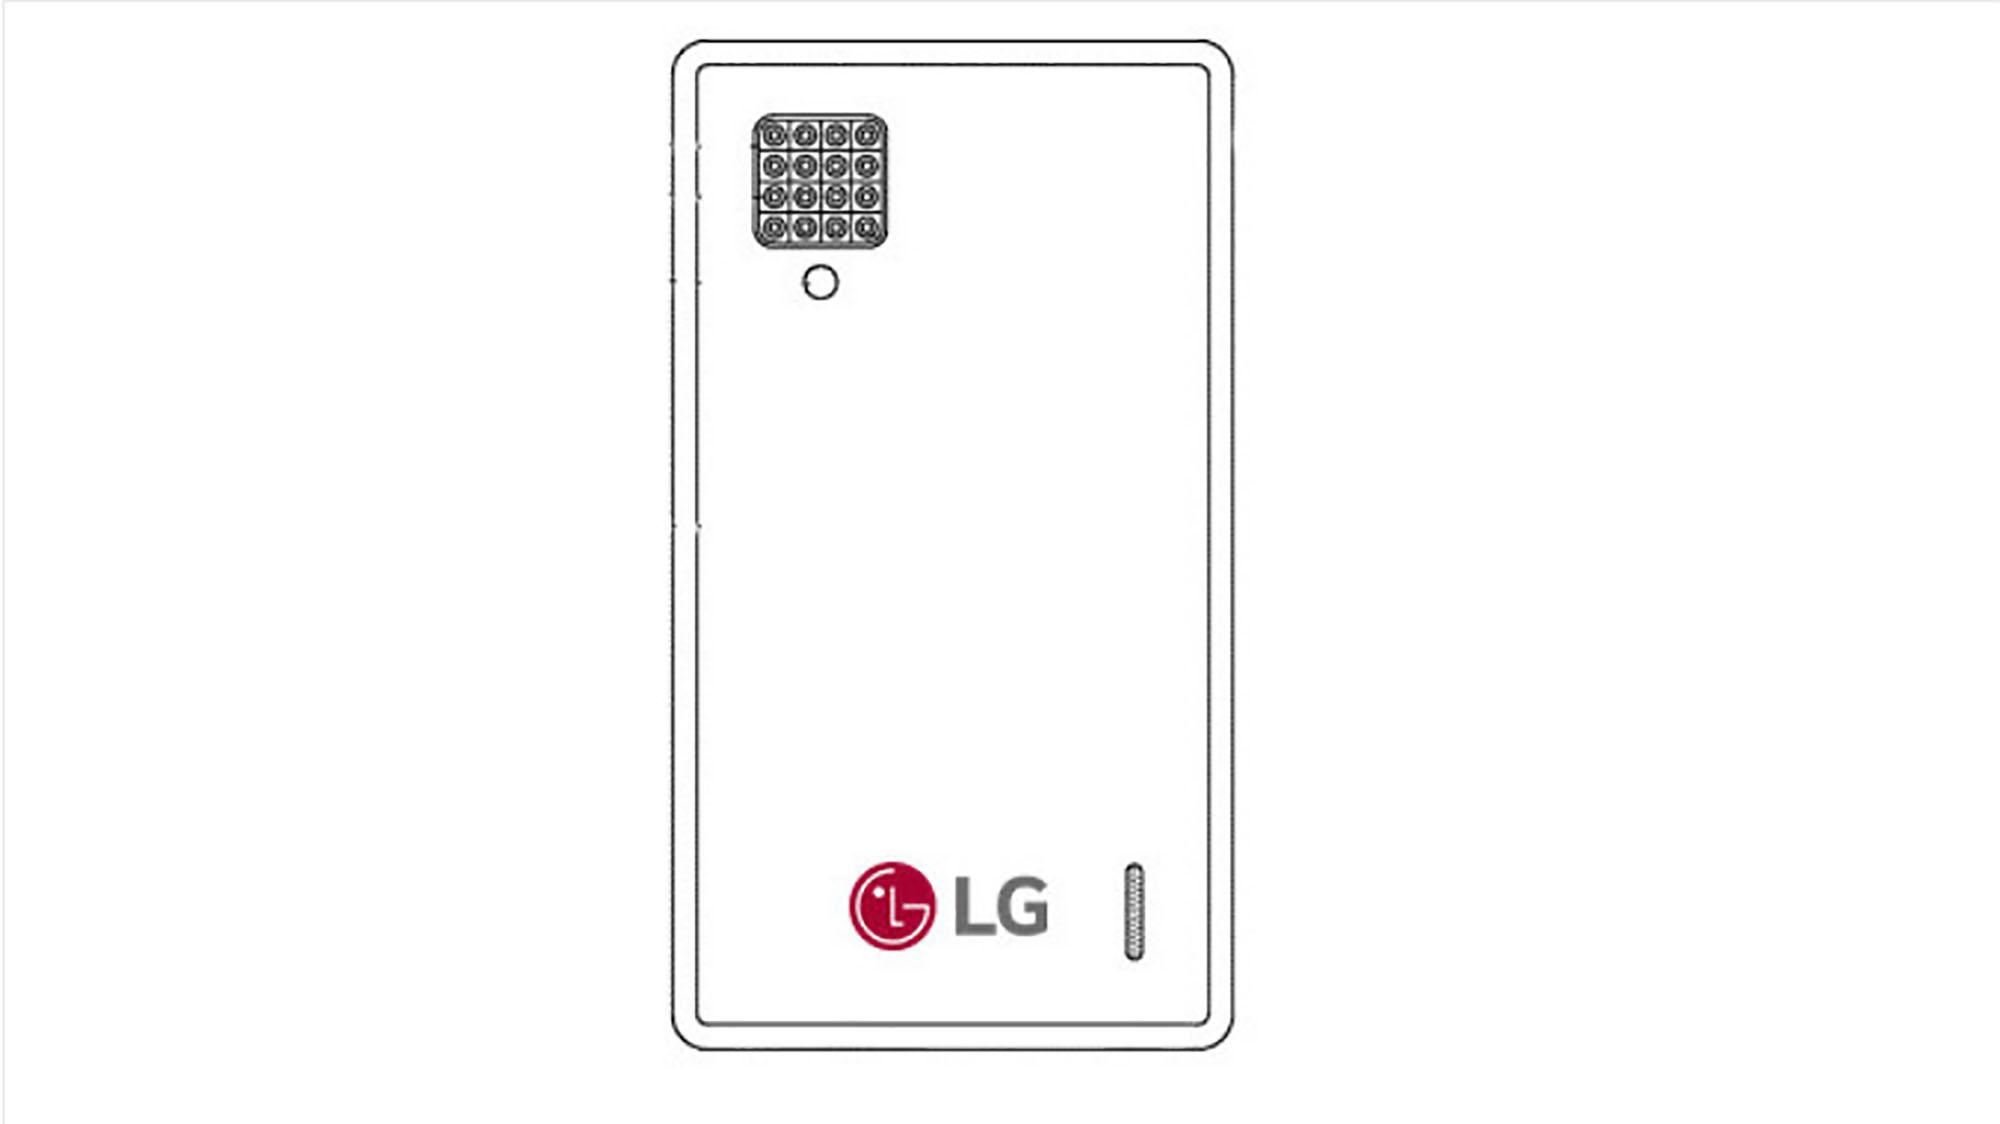 Un brevet de LG imagine un smartphone avec 16 capteurs